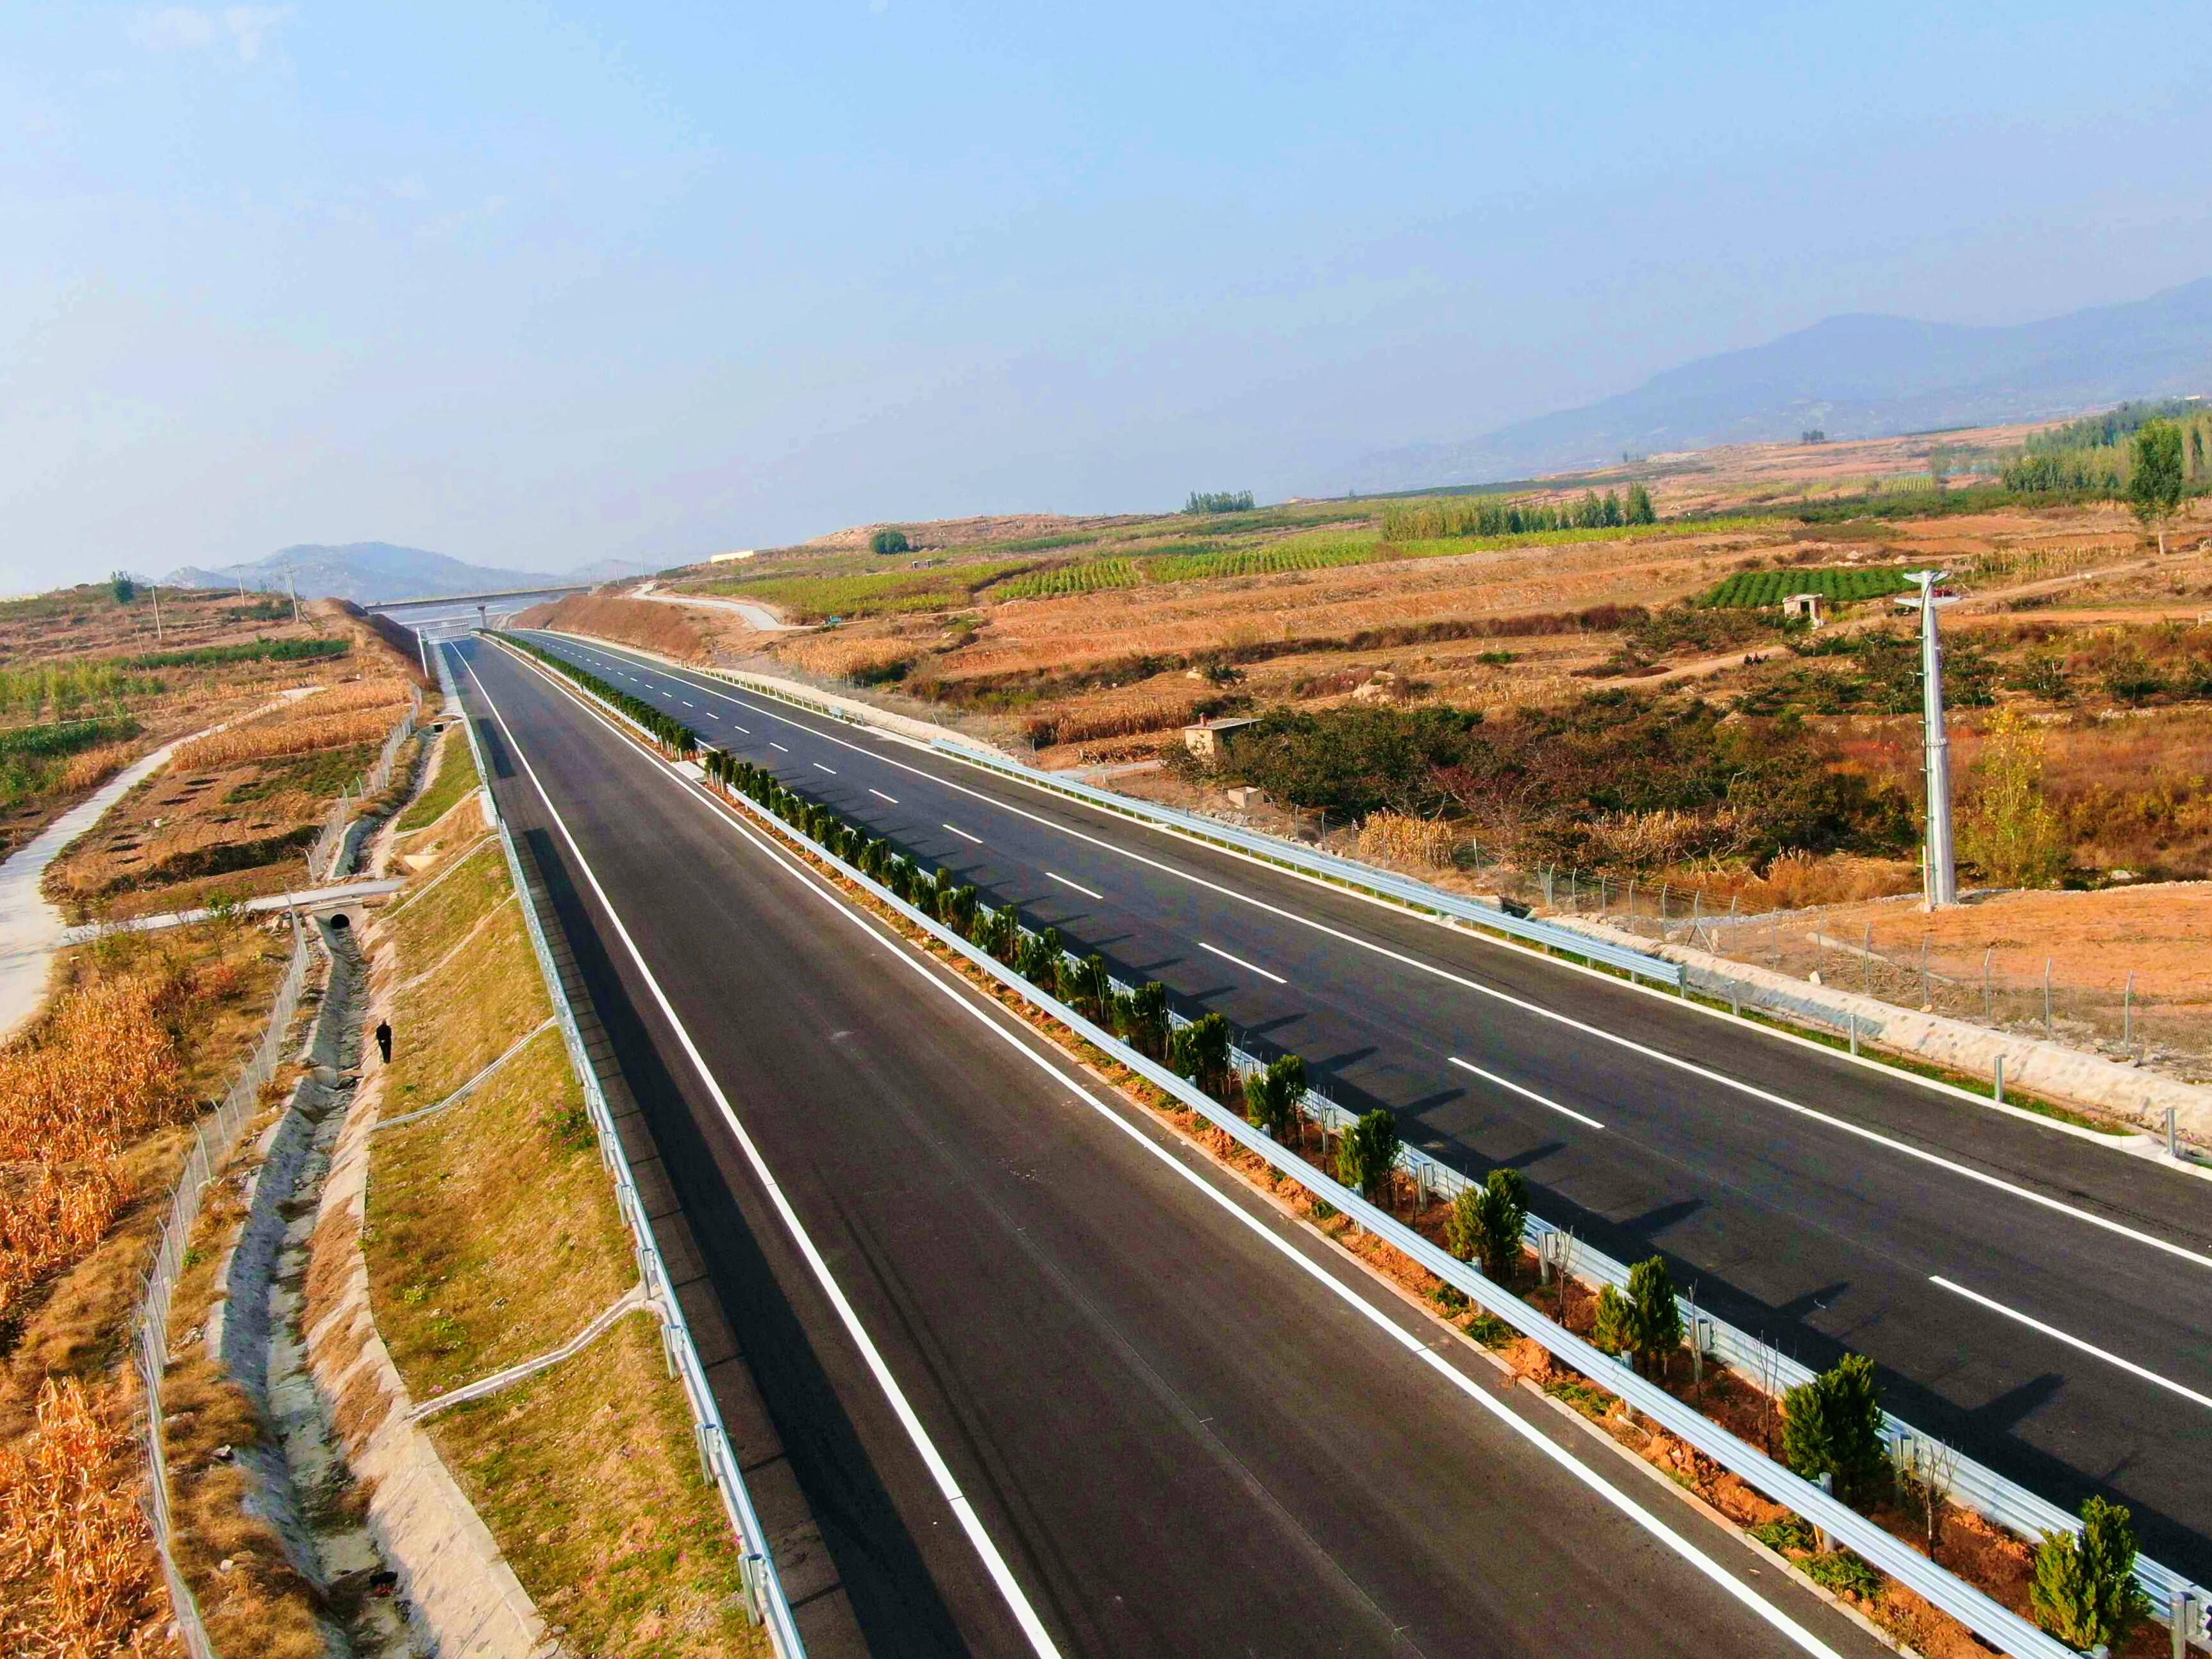 实现新突破! 新台高速公路工程主线顺利贯通